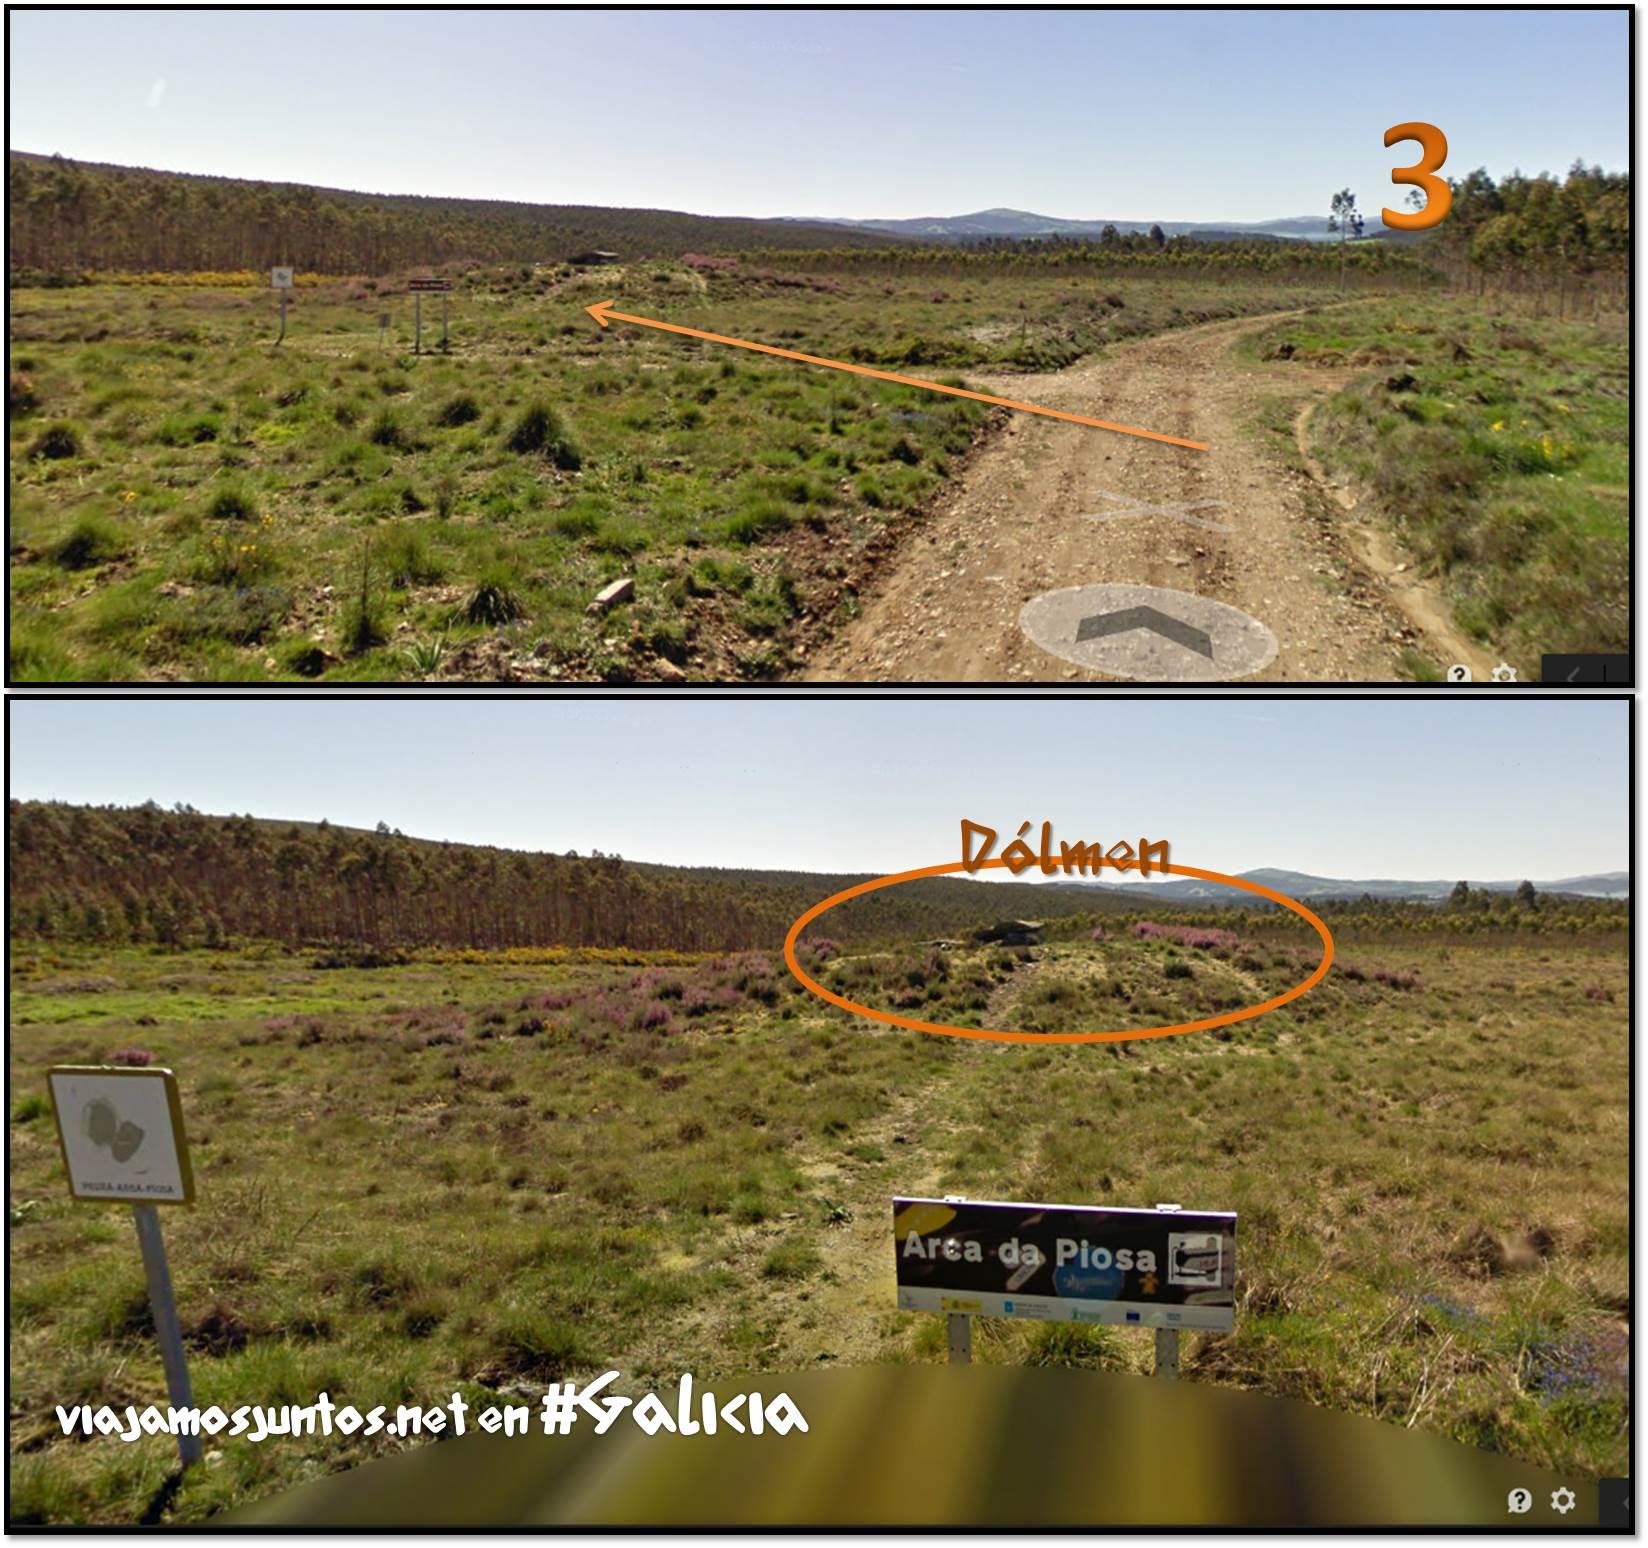 Dolmen de Arca da Piosa; Ruta de los dólmenes de Vimianzo; Dumbría, Costa da Morte, Galicia